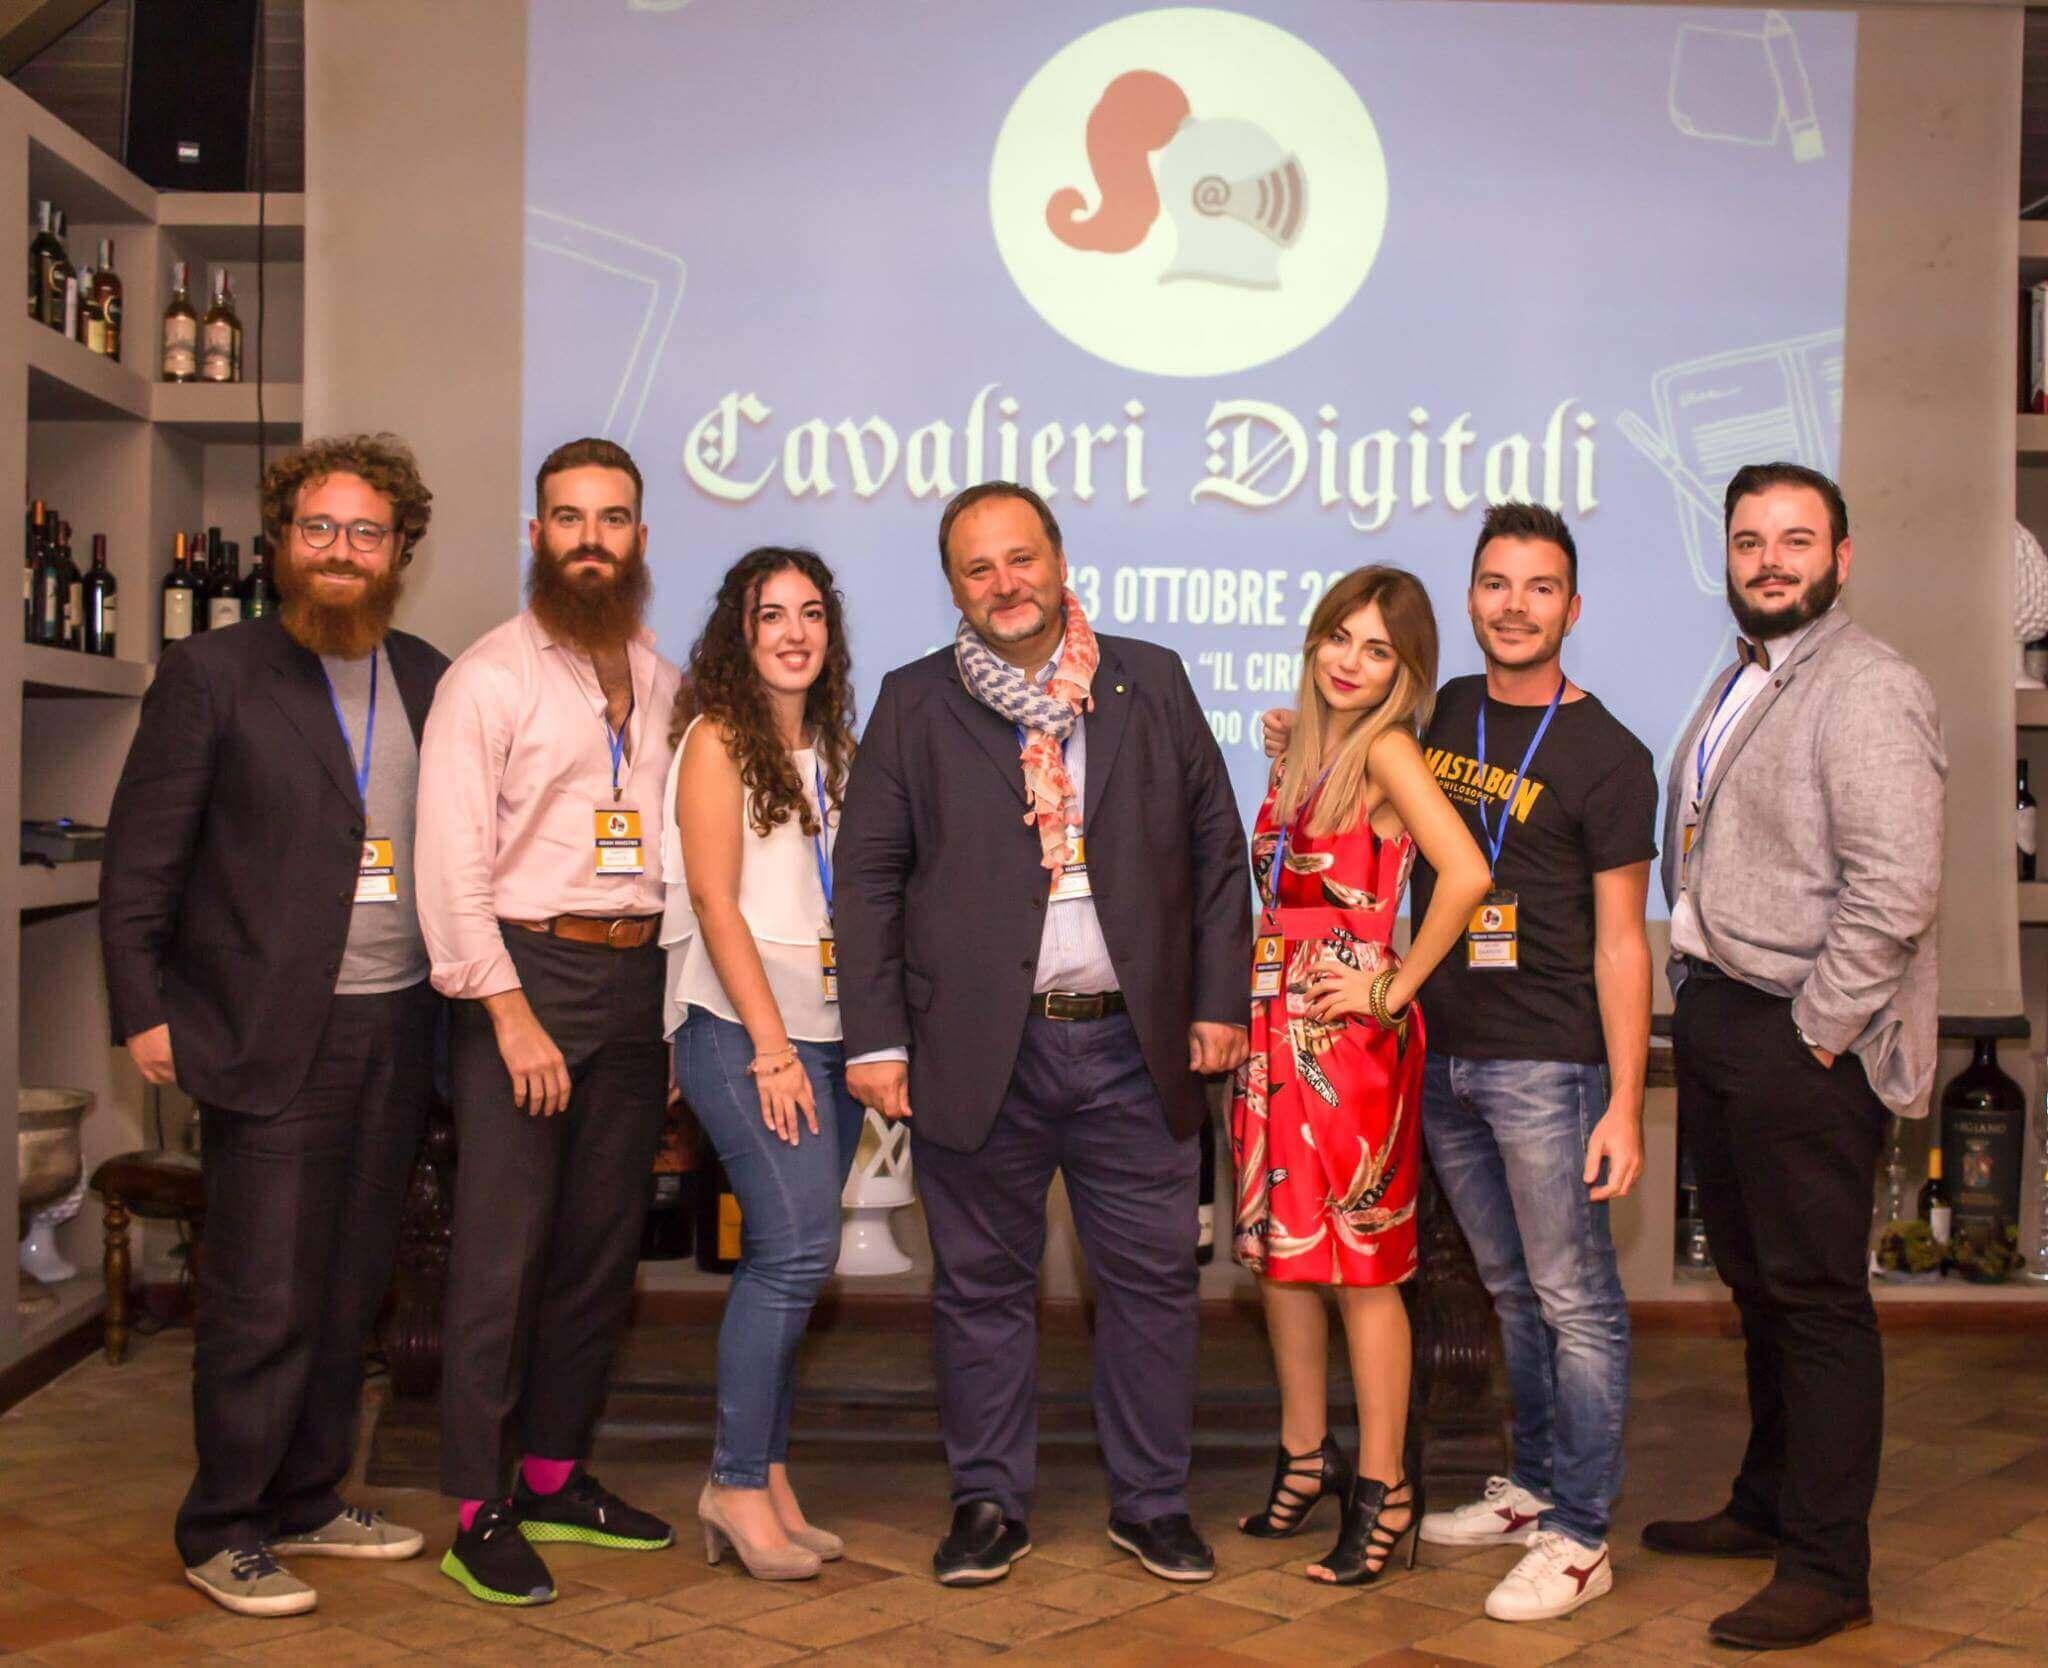 Relatori di Cavalieri Digitali